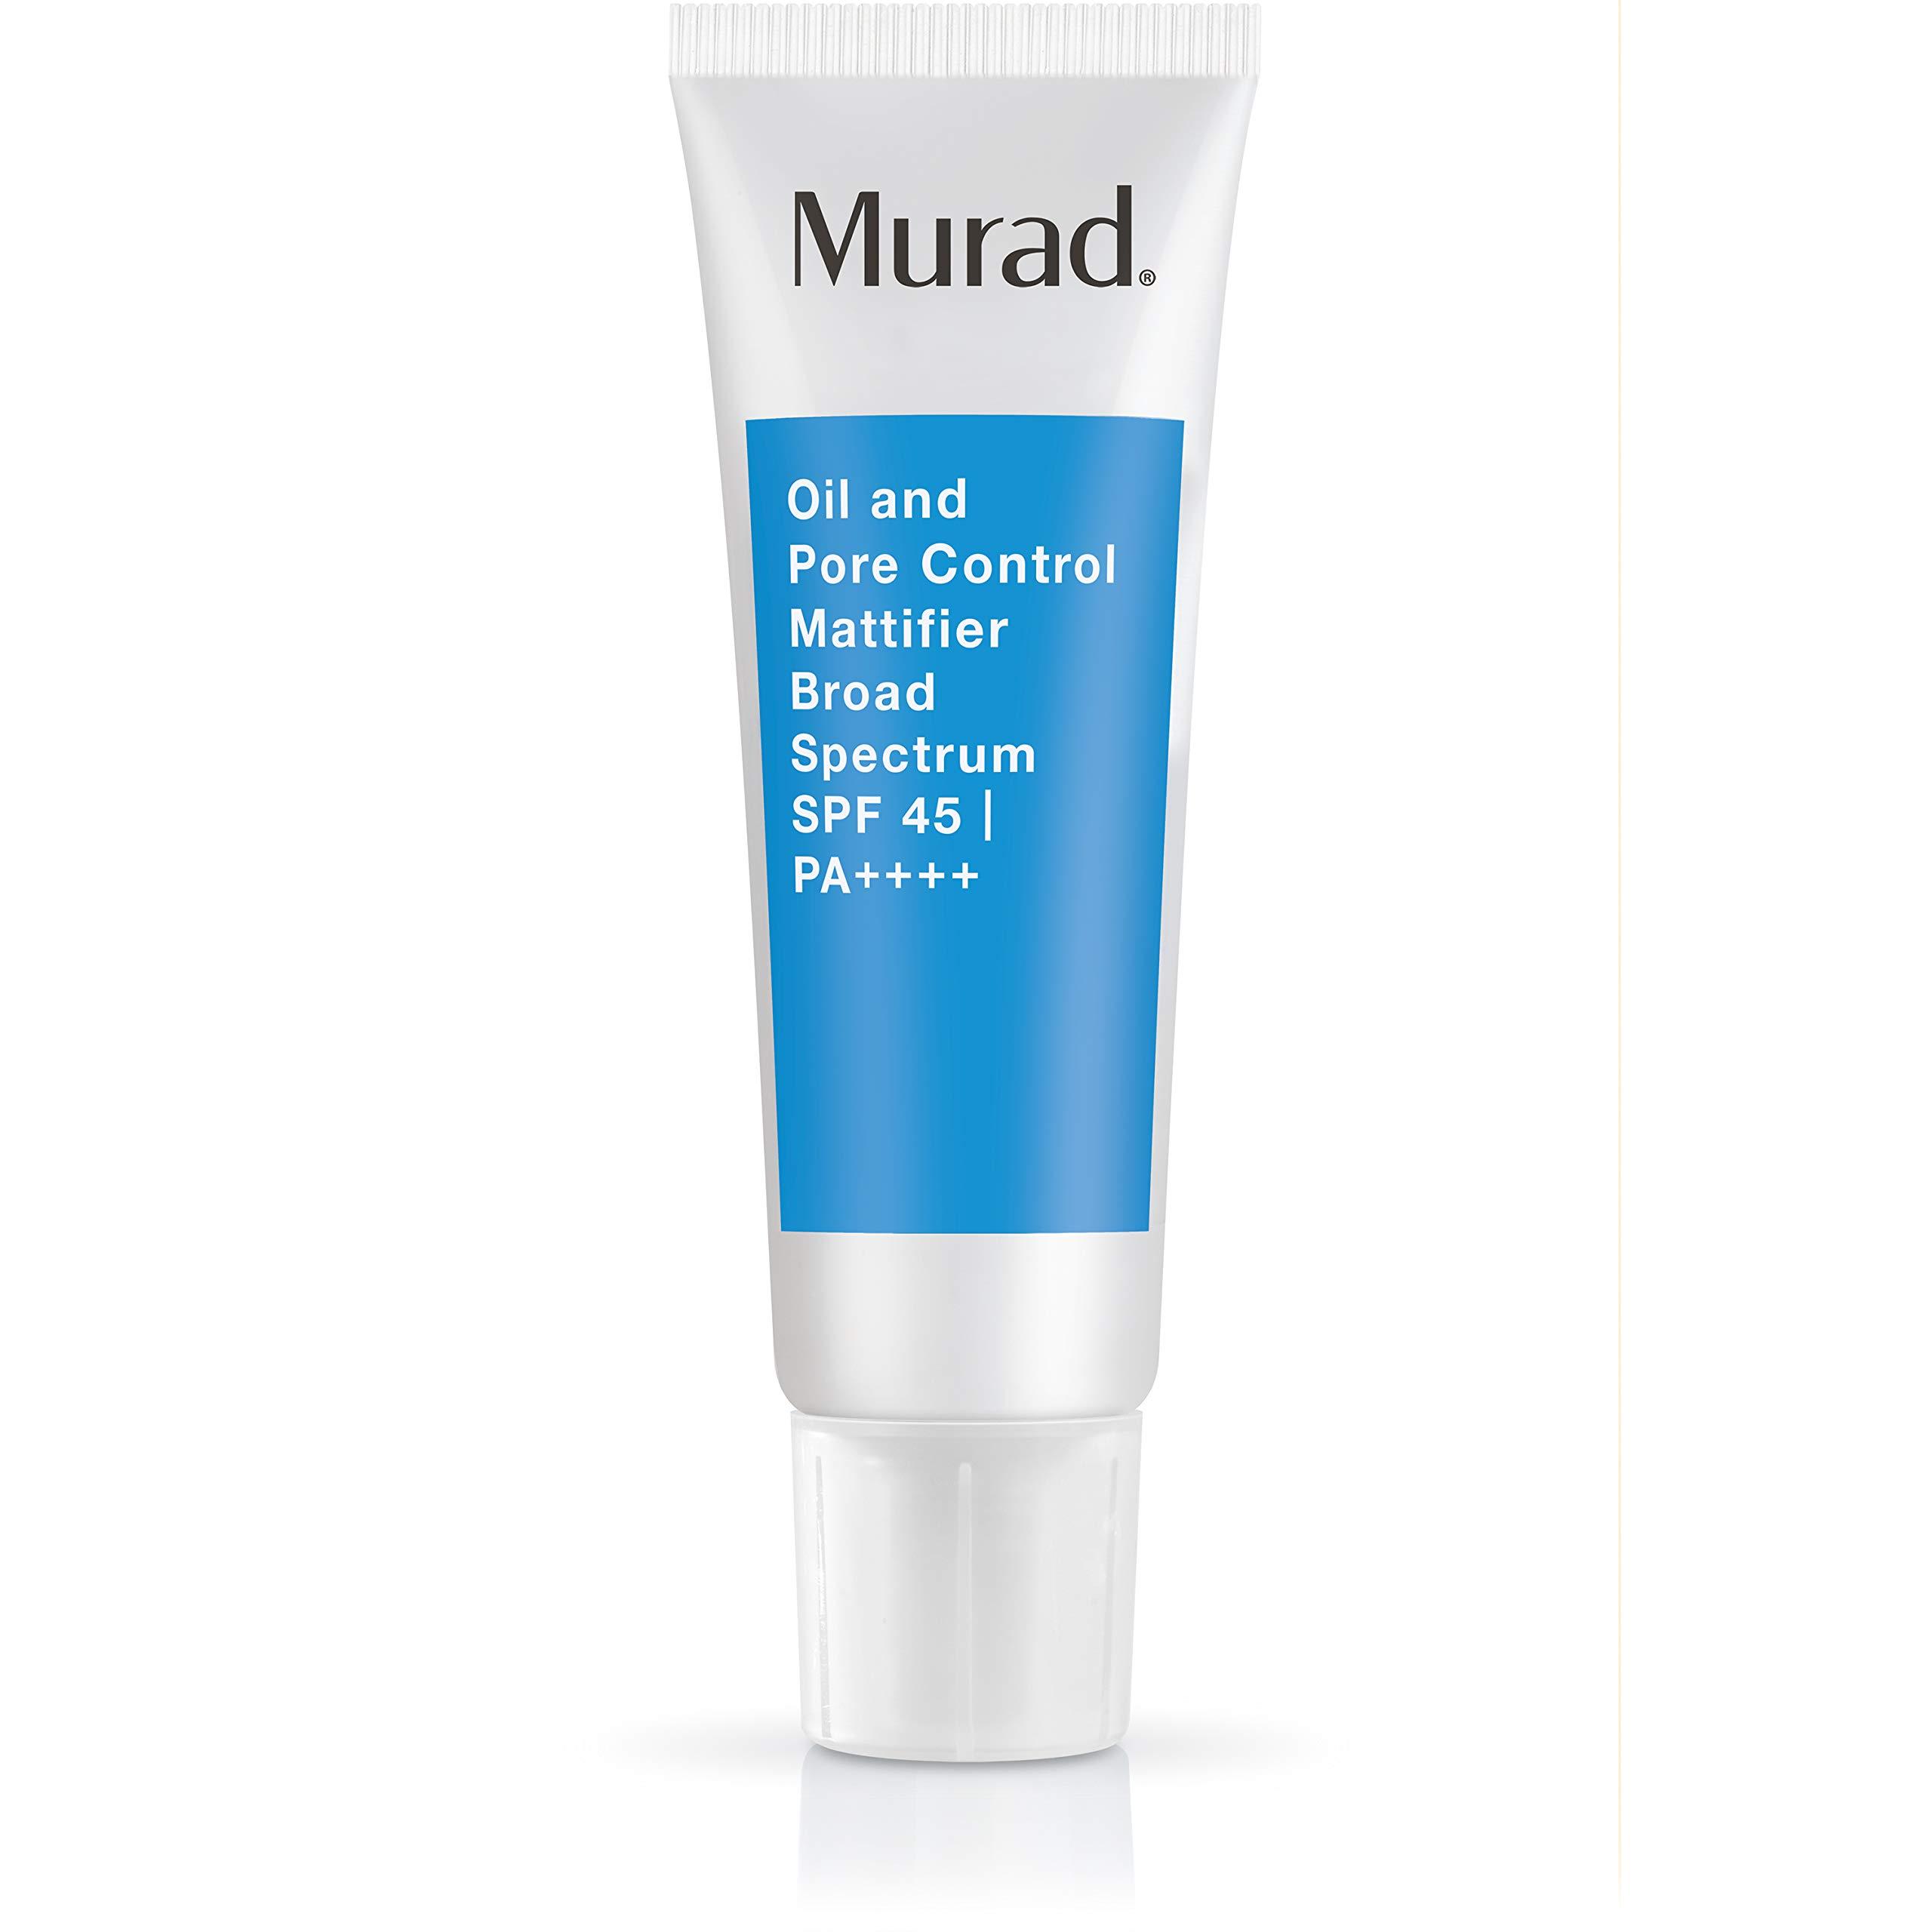 Murad Oil and Pore Control Mattifier Broad Spectrum SPF 45   PA++++